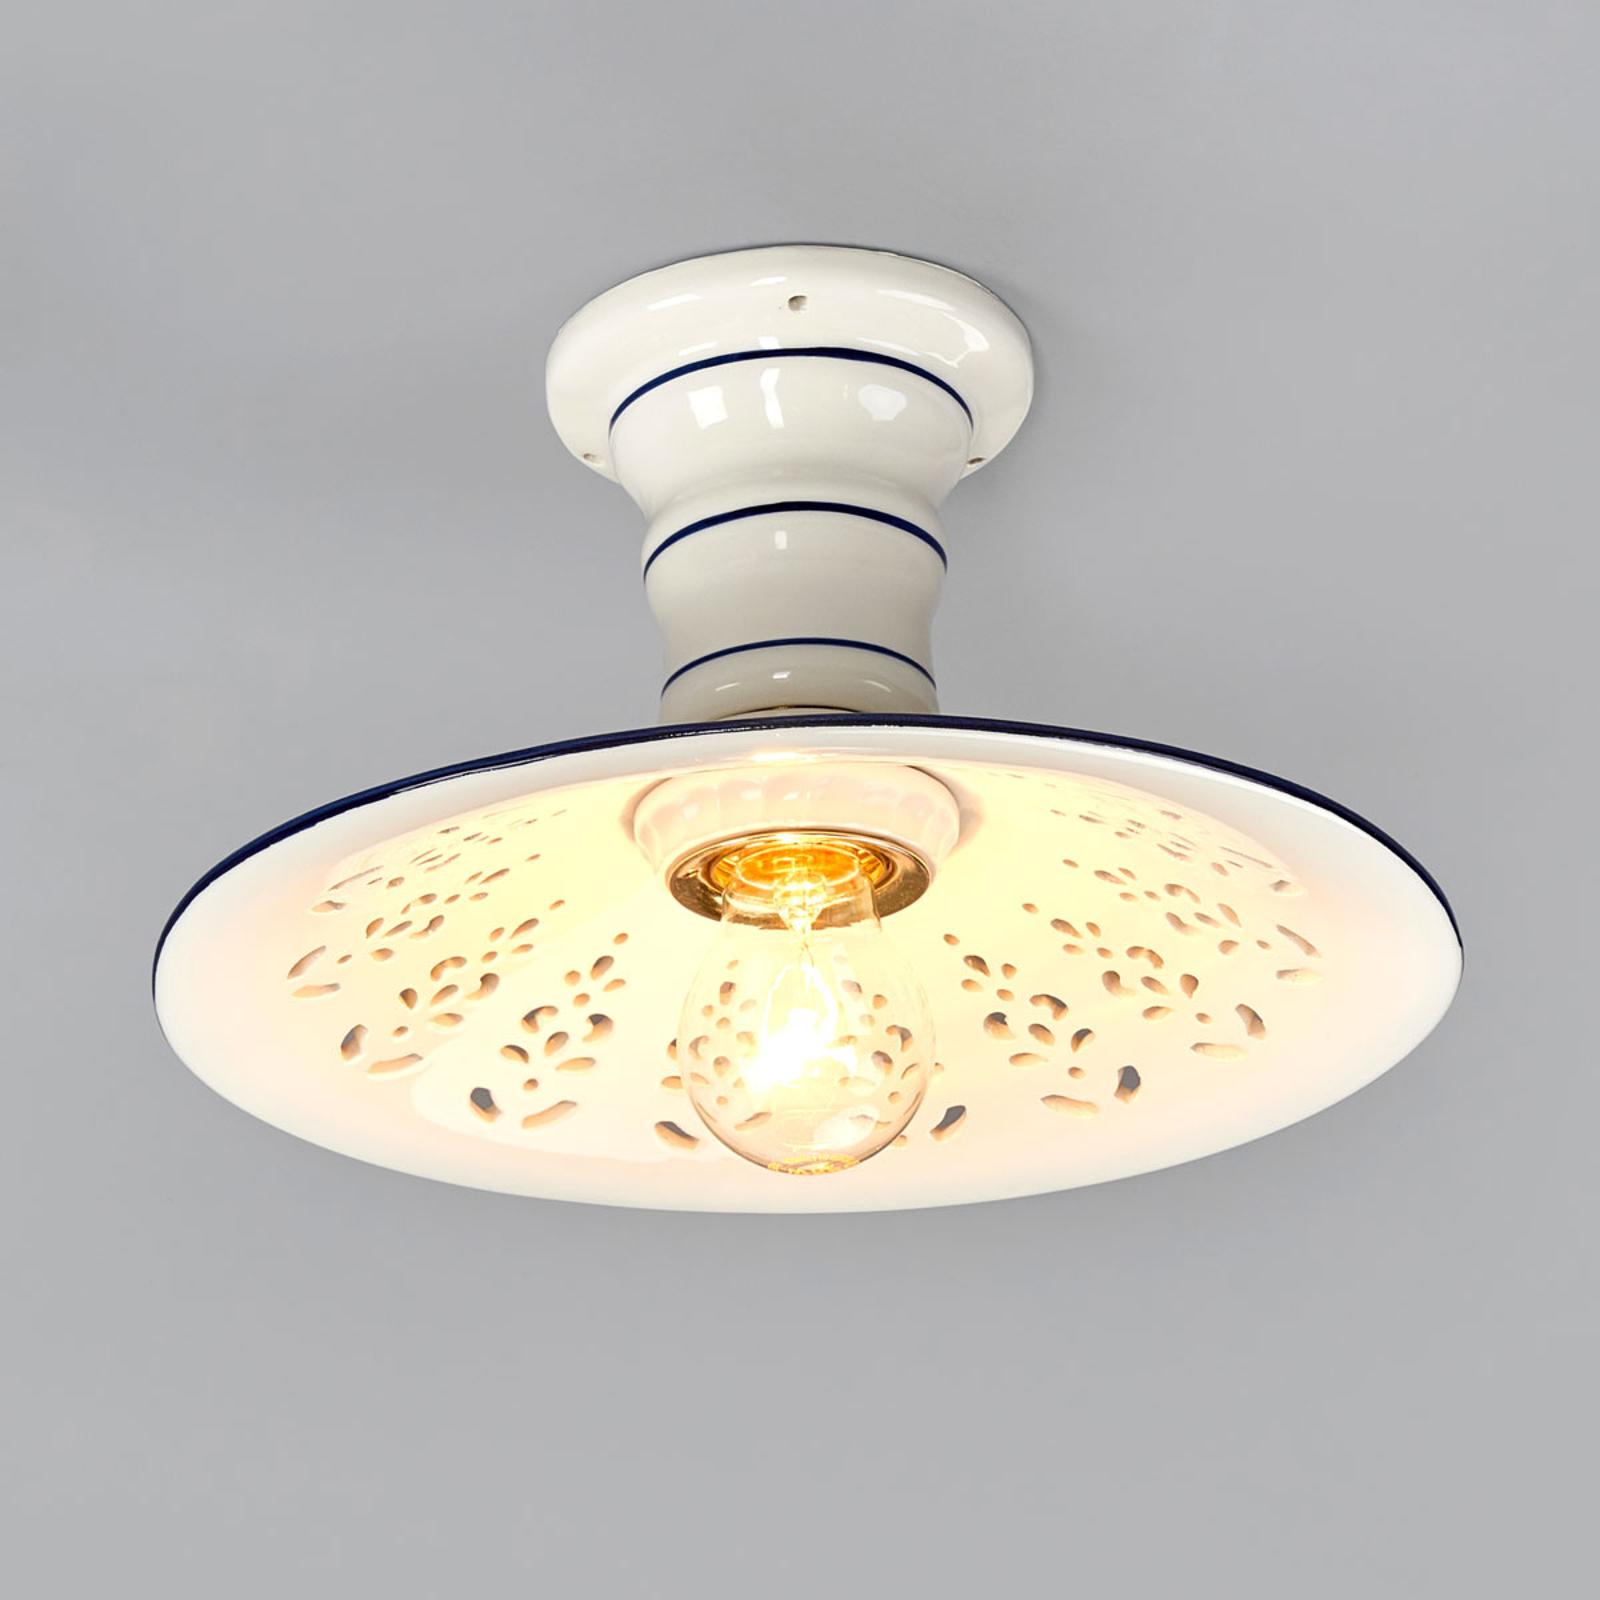 Šarmantné stropné svietidlo AMENO_2013019_1